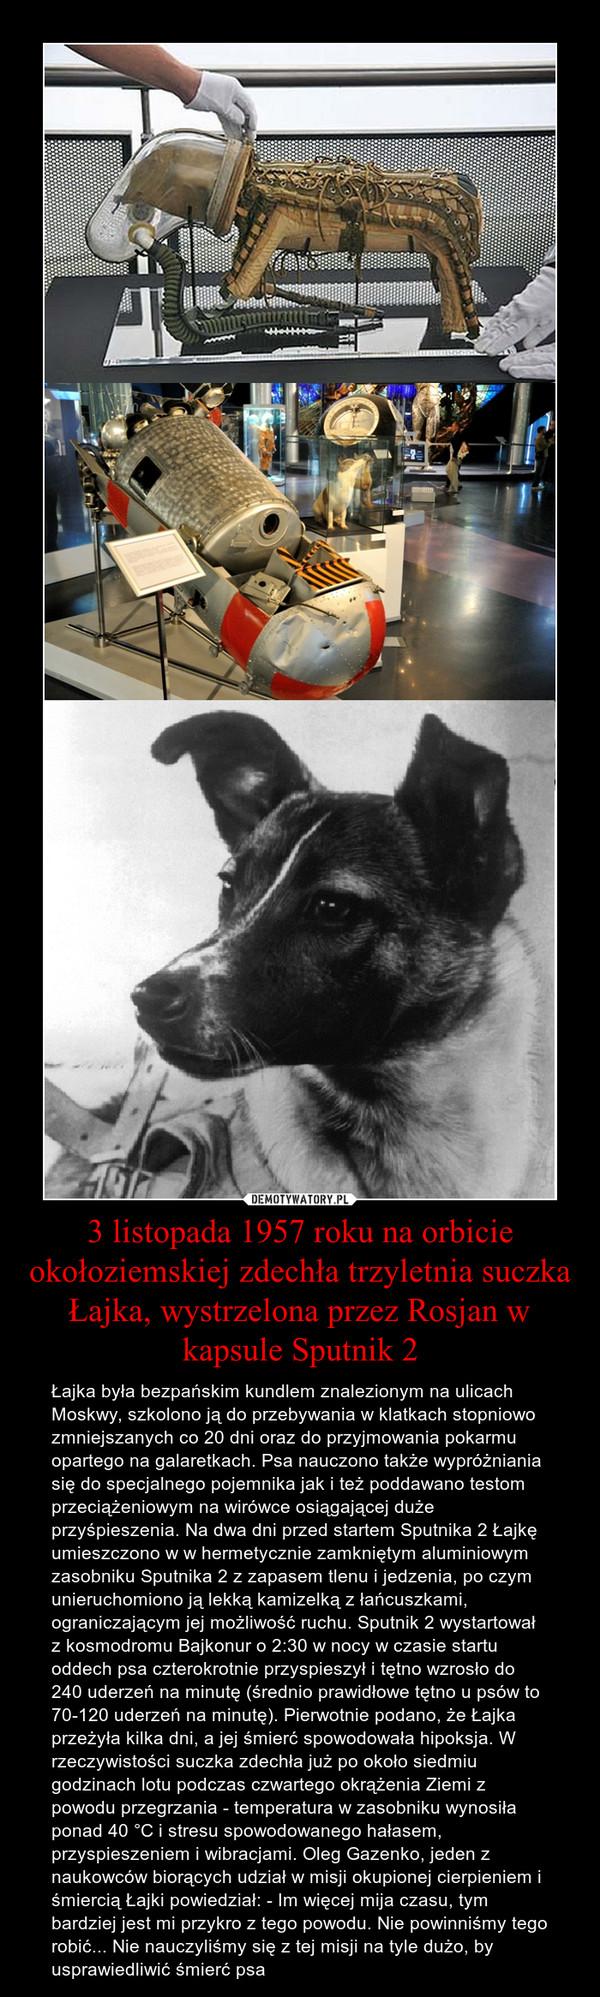 3 listopada 1957 roku na orbicie okołoziemskiej zdechła trzyletnia suczka Łajka, wystrzelona przez Rosjan w kapsule Sputnik 2 – Łajka była bezpańskim kundlem znalezionym na ulicach Moskwy, szkolono ją do przebywania w klatkach stopniowo zmniejszanych co 20 dni oraz do przyjmowania pokarmu opartego na galaretkach. Psa nauczono także wypróżniania się do specjalnego pojemnika jak i też poddawano testom przeciążeniowym na wirówce osiągającej duże przyśpieszenia. Na dwa dni przed startem Sputnika 2 Łajkę umieszczono w w hermetycznie zamkniętym aluminiowym zasobniku Sputnika 2 z zapasem tlenu i jedzenia, po czym unieruchomiono ją lekką kamizelką z łańcuszkami, ograniczającym jej możliwość ruchu. Sputnik 2 wystartował z kosmodromu Bajkonur o 2:30 w nocy w czasie startu oddech psa czterokrotnie przyspieszył i tętno wzrosło do 240 uderzeń na minutę (średnio prawidłowe tętno u psów to 70-120 uderzeń na minutę). Pierwotnie podano, że Łajka przeżyła kilka dni, a jej śmierć spowodowała hipoksja. W rzeczywistości suczka zdechła już po około siedmiu godzinach lotu podczas czwartego okrążenia Ziemi z powodu przegrzania - temperatura w zasobniku wynosiła ponad 40 °C i stresu spowodowanego hałasem, przyspieszeniem i wibracjami. Oleg Gazenko, jeden z naukowców biorących udział w misji okupionej cierpieniem i śmiercią Łajki powiedział: - Im więcej mija czasu, tym bardziej jest mi przykro z tego powodu. Nie powinniśmy tego robić... Nie nauczyliśmy się z tej misji na tyle dużo, by usprawiedliwić śmierć psa